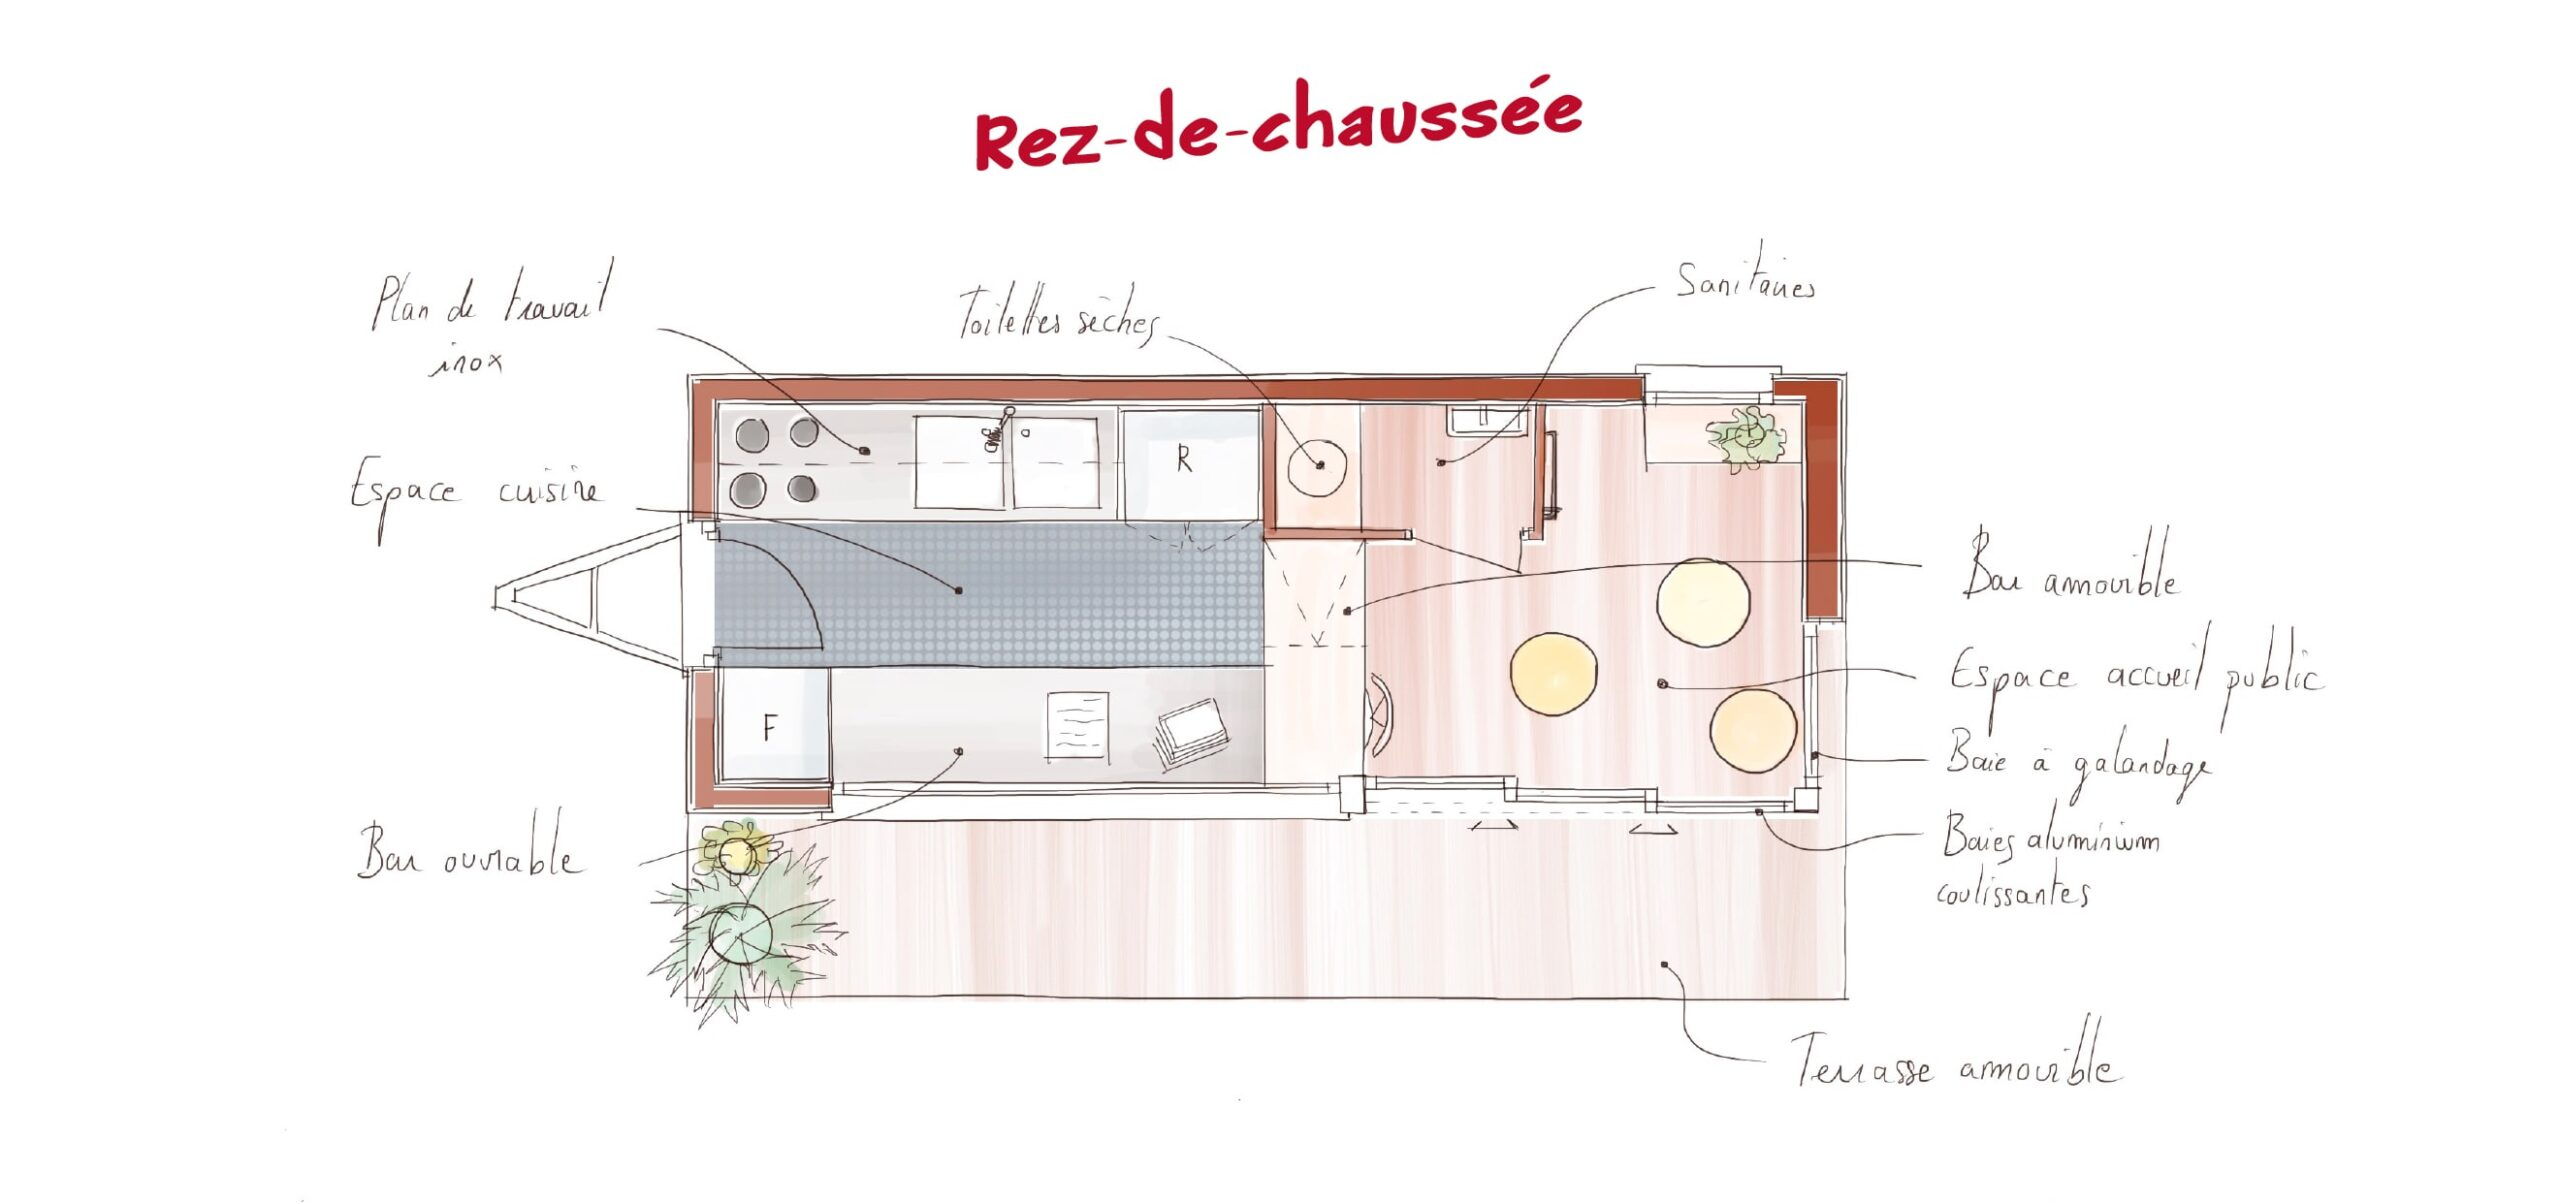 tiny-house-professionnel-food-truck-rez-de-chaussee